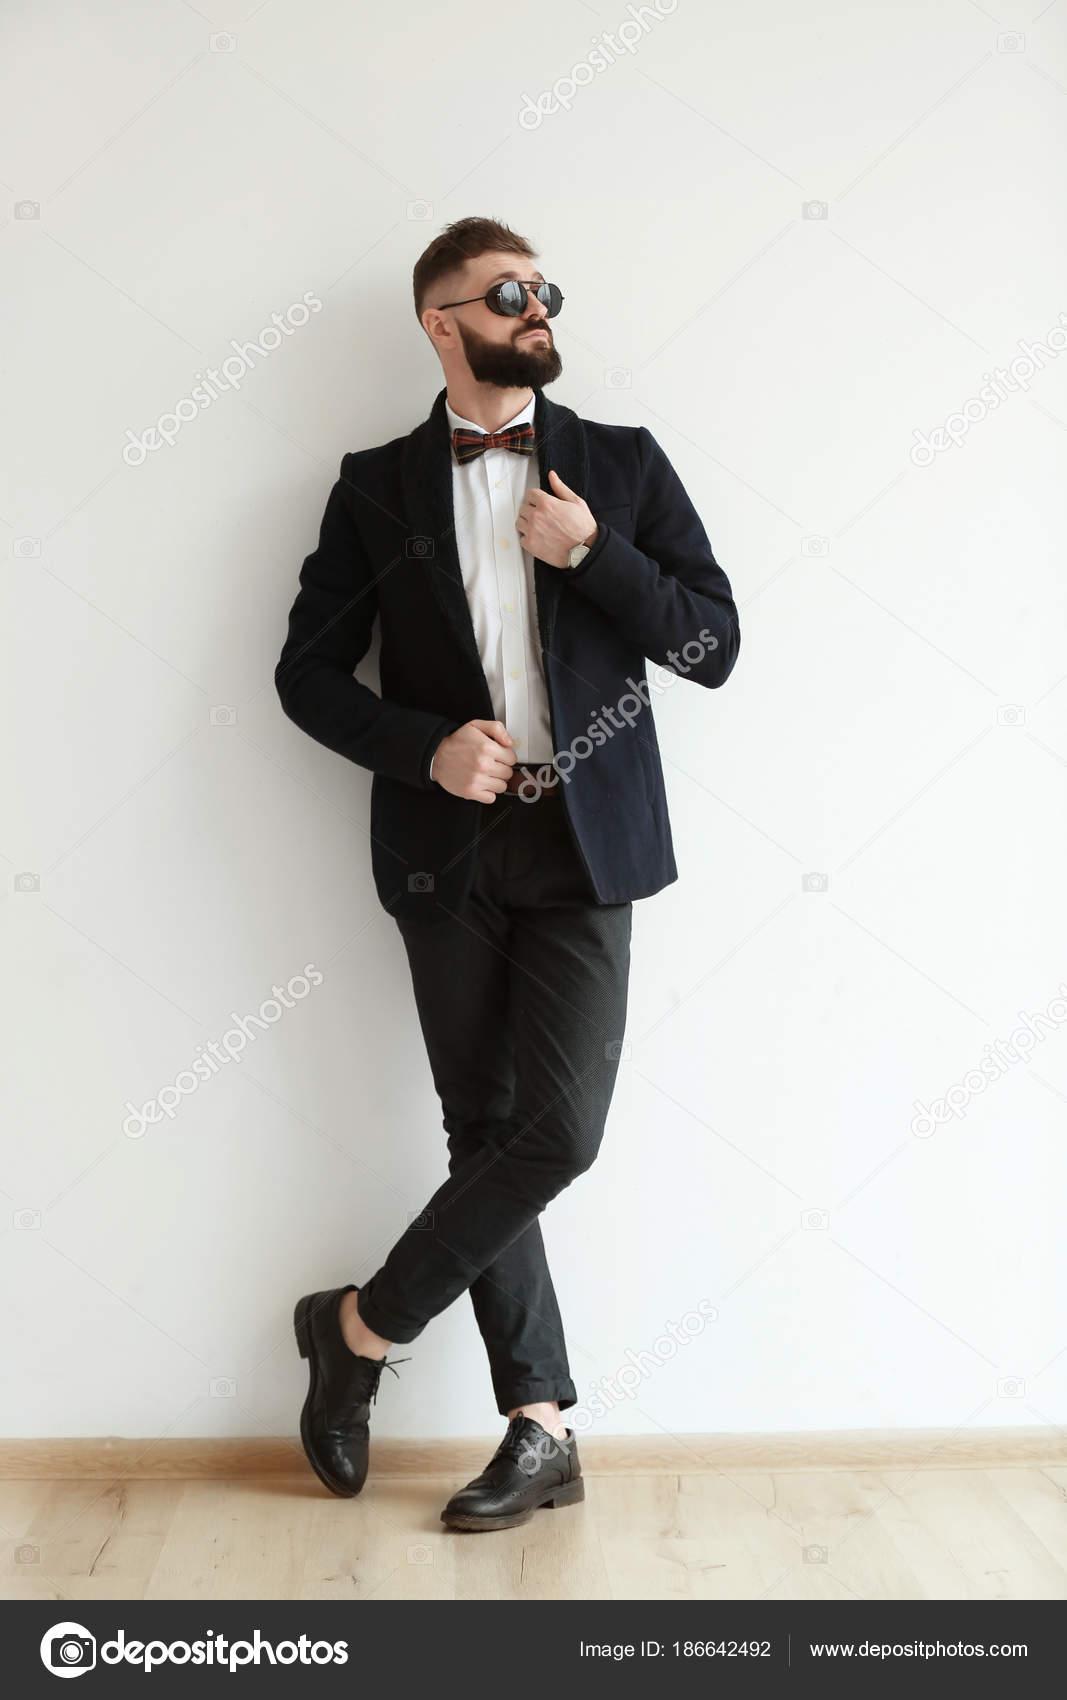 Abiti Eleganti Hipster.Ritratto Bello Hipster Abito Elegante Vicino Muro Luce